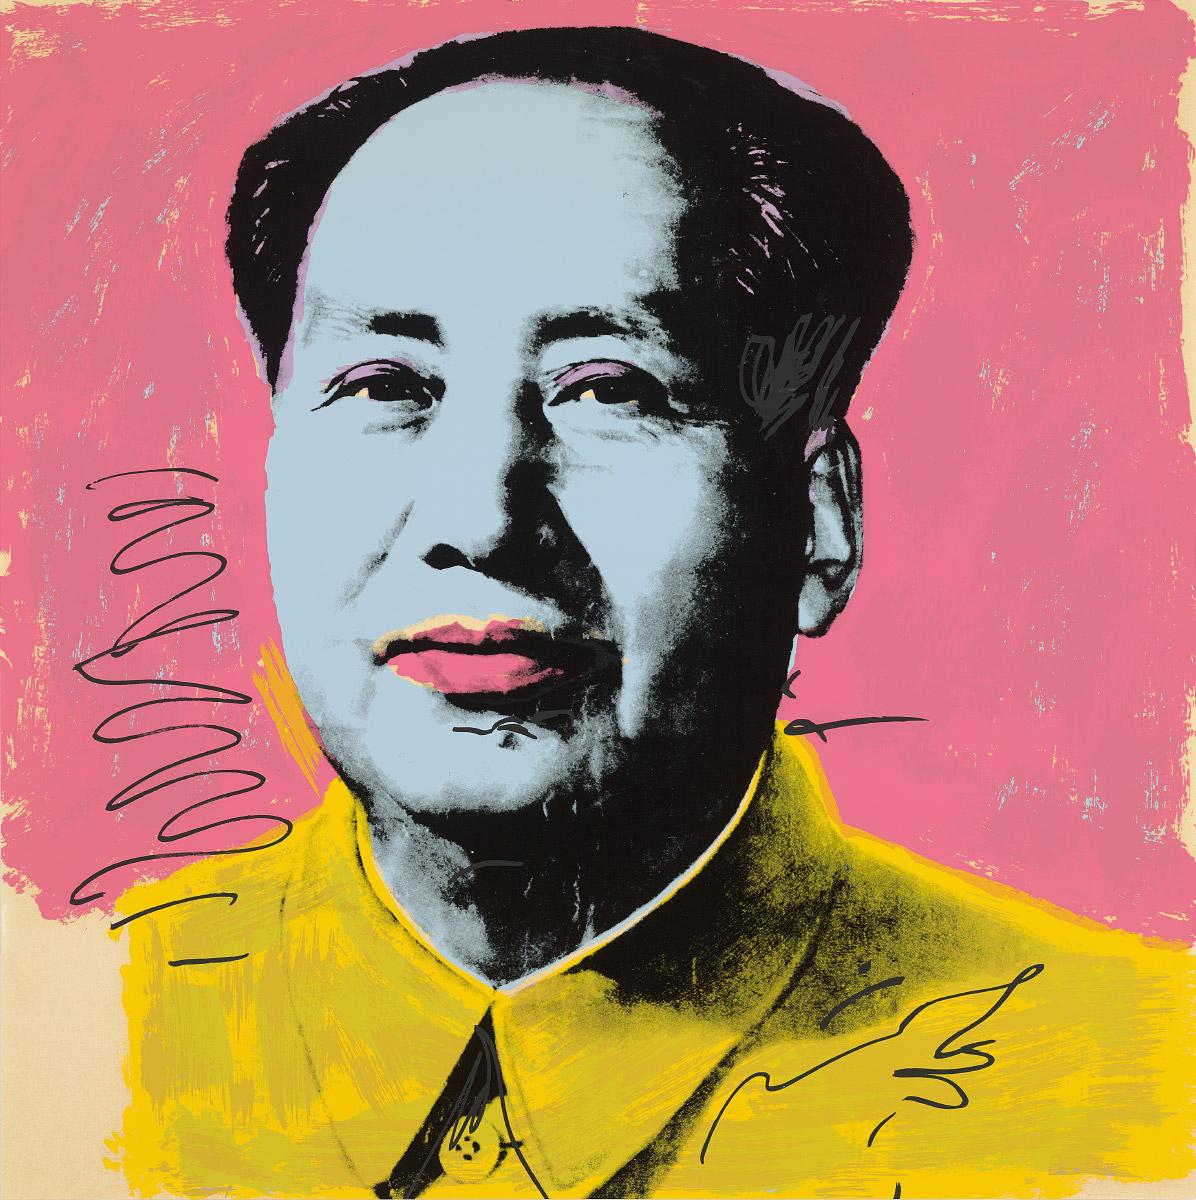 Andy-Warhol-Mao.jpg